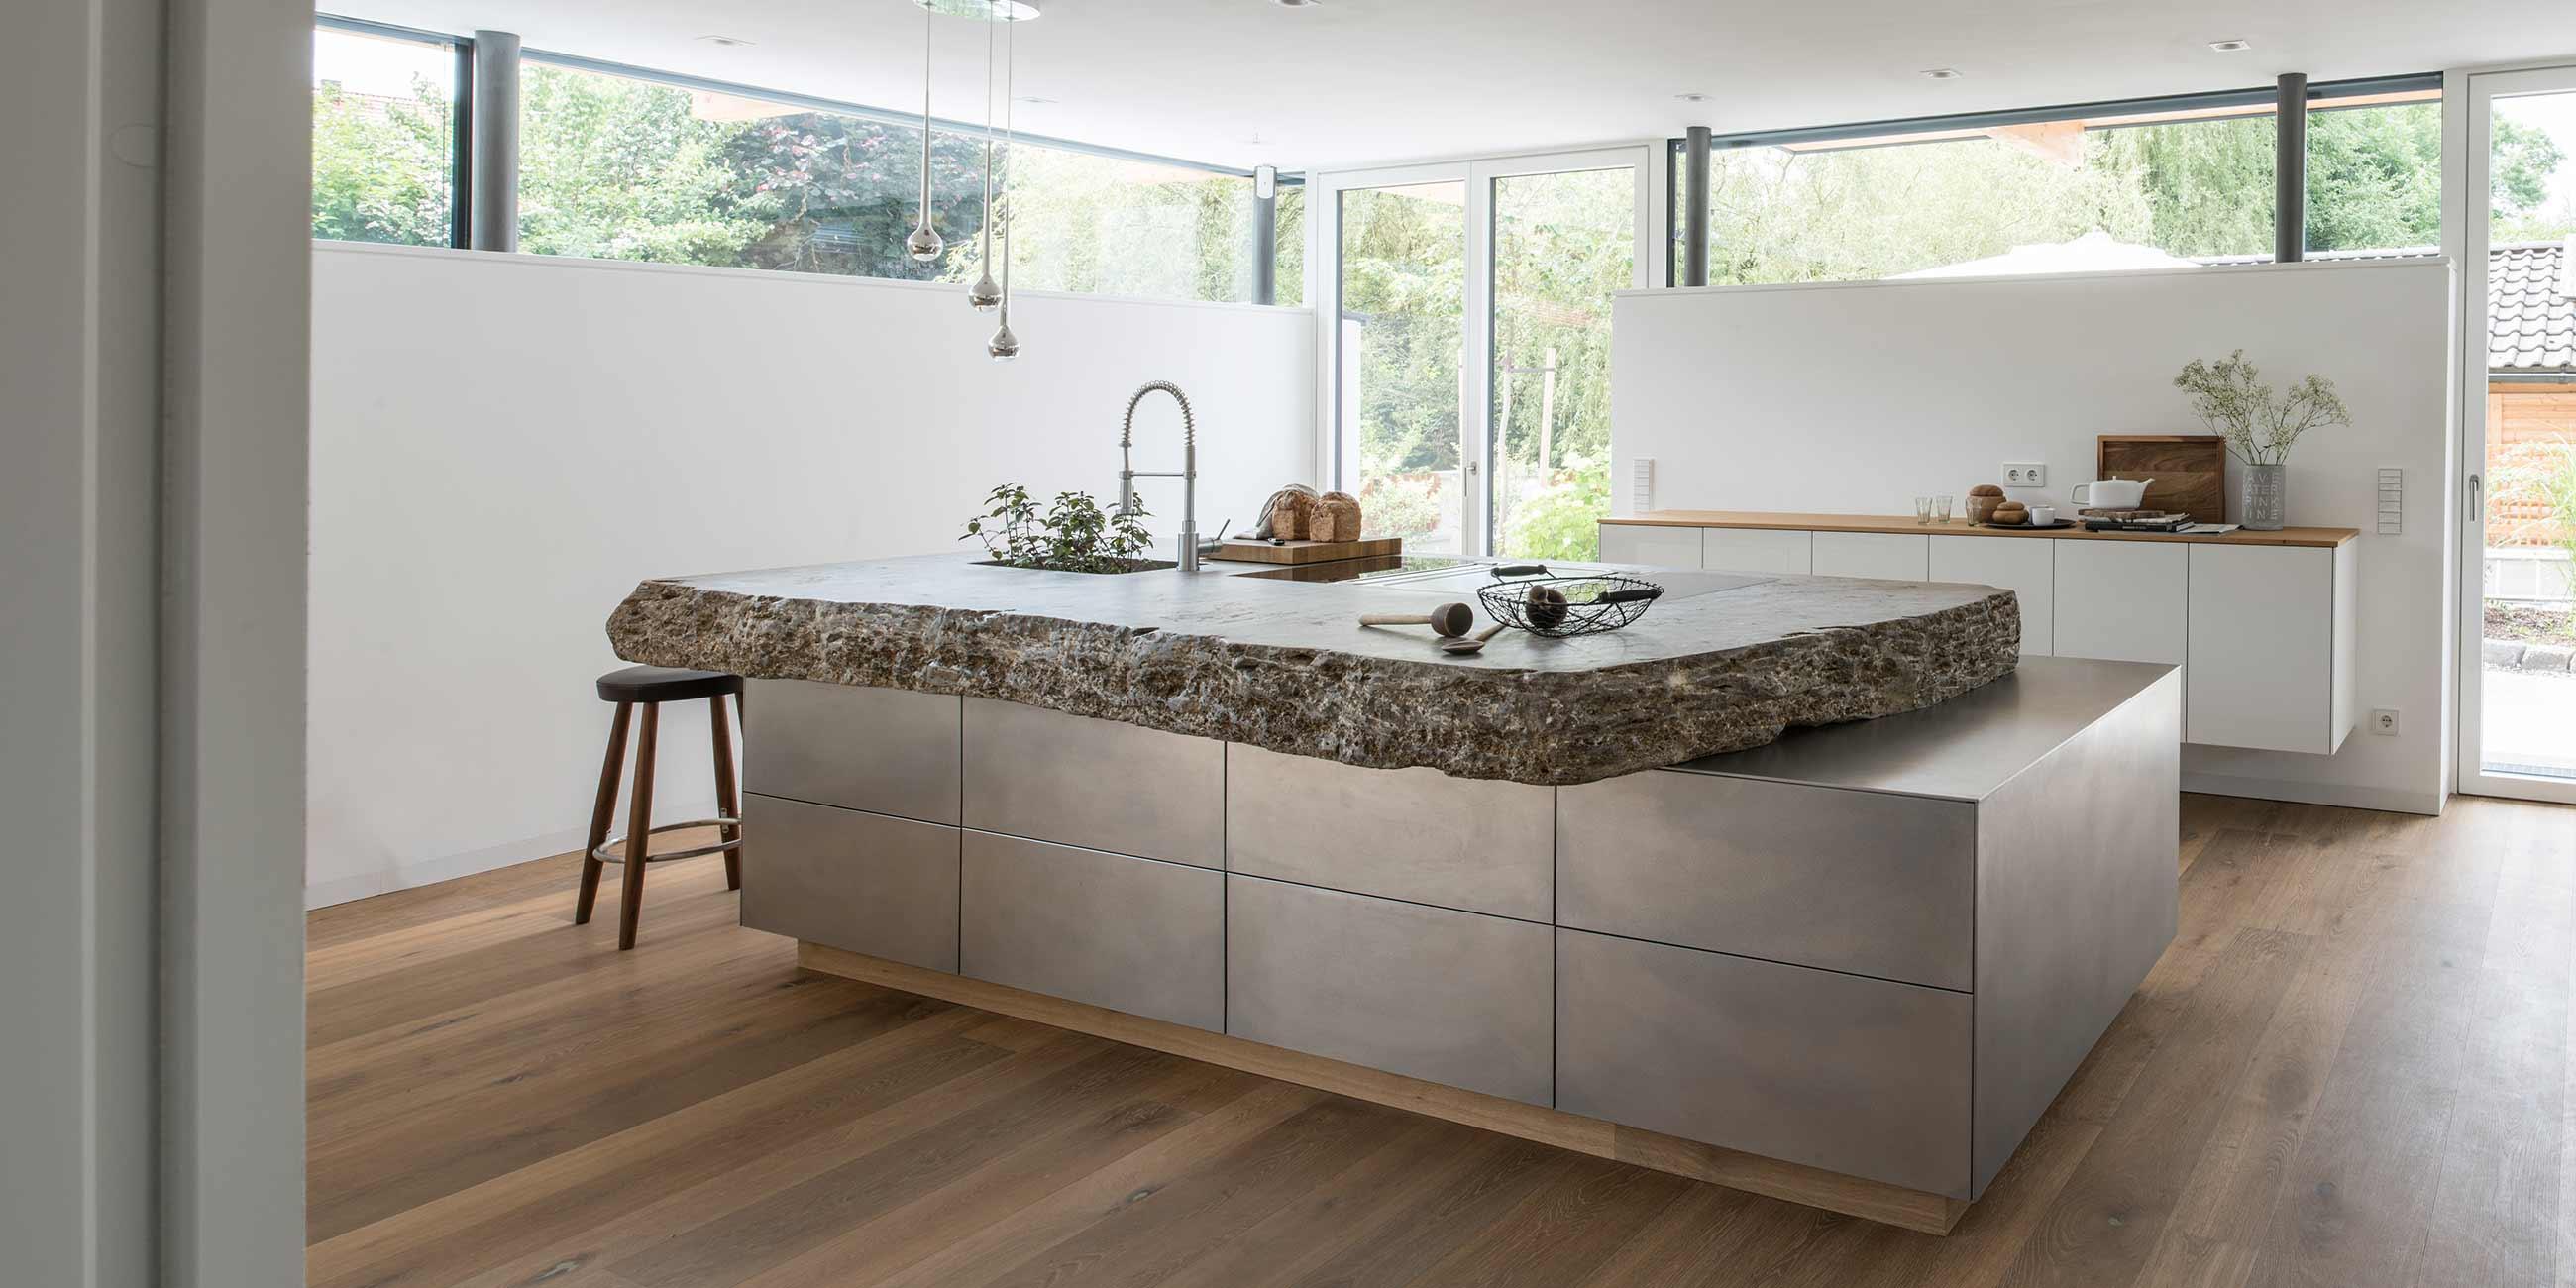 Kuche Aus Stein Und Stahl Werkhaus Kuchen Designkuchen